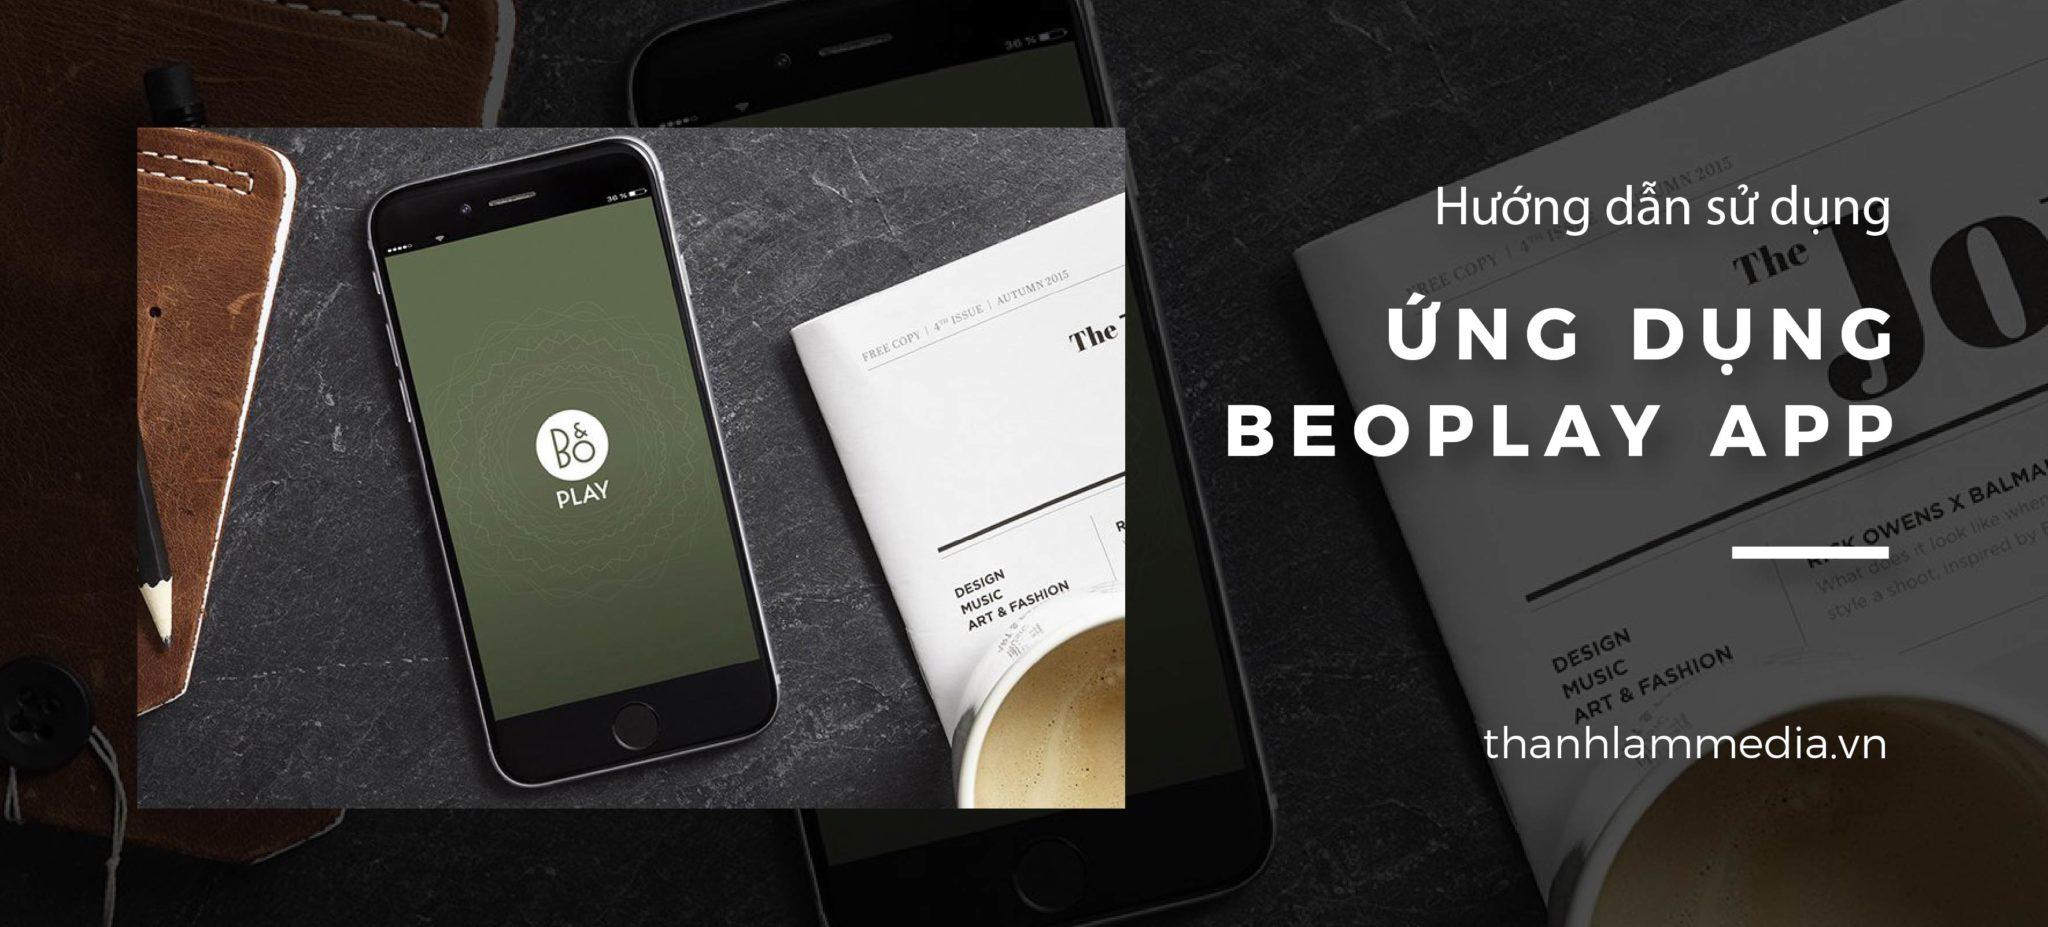 Giải đáp thắc mắc về ứng dụng Beoplay App của Bang & Olufsen 1